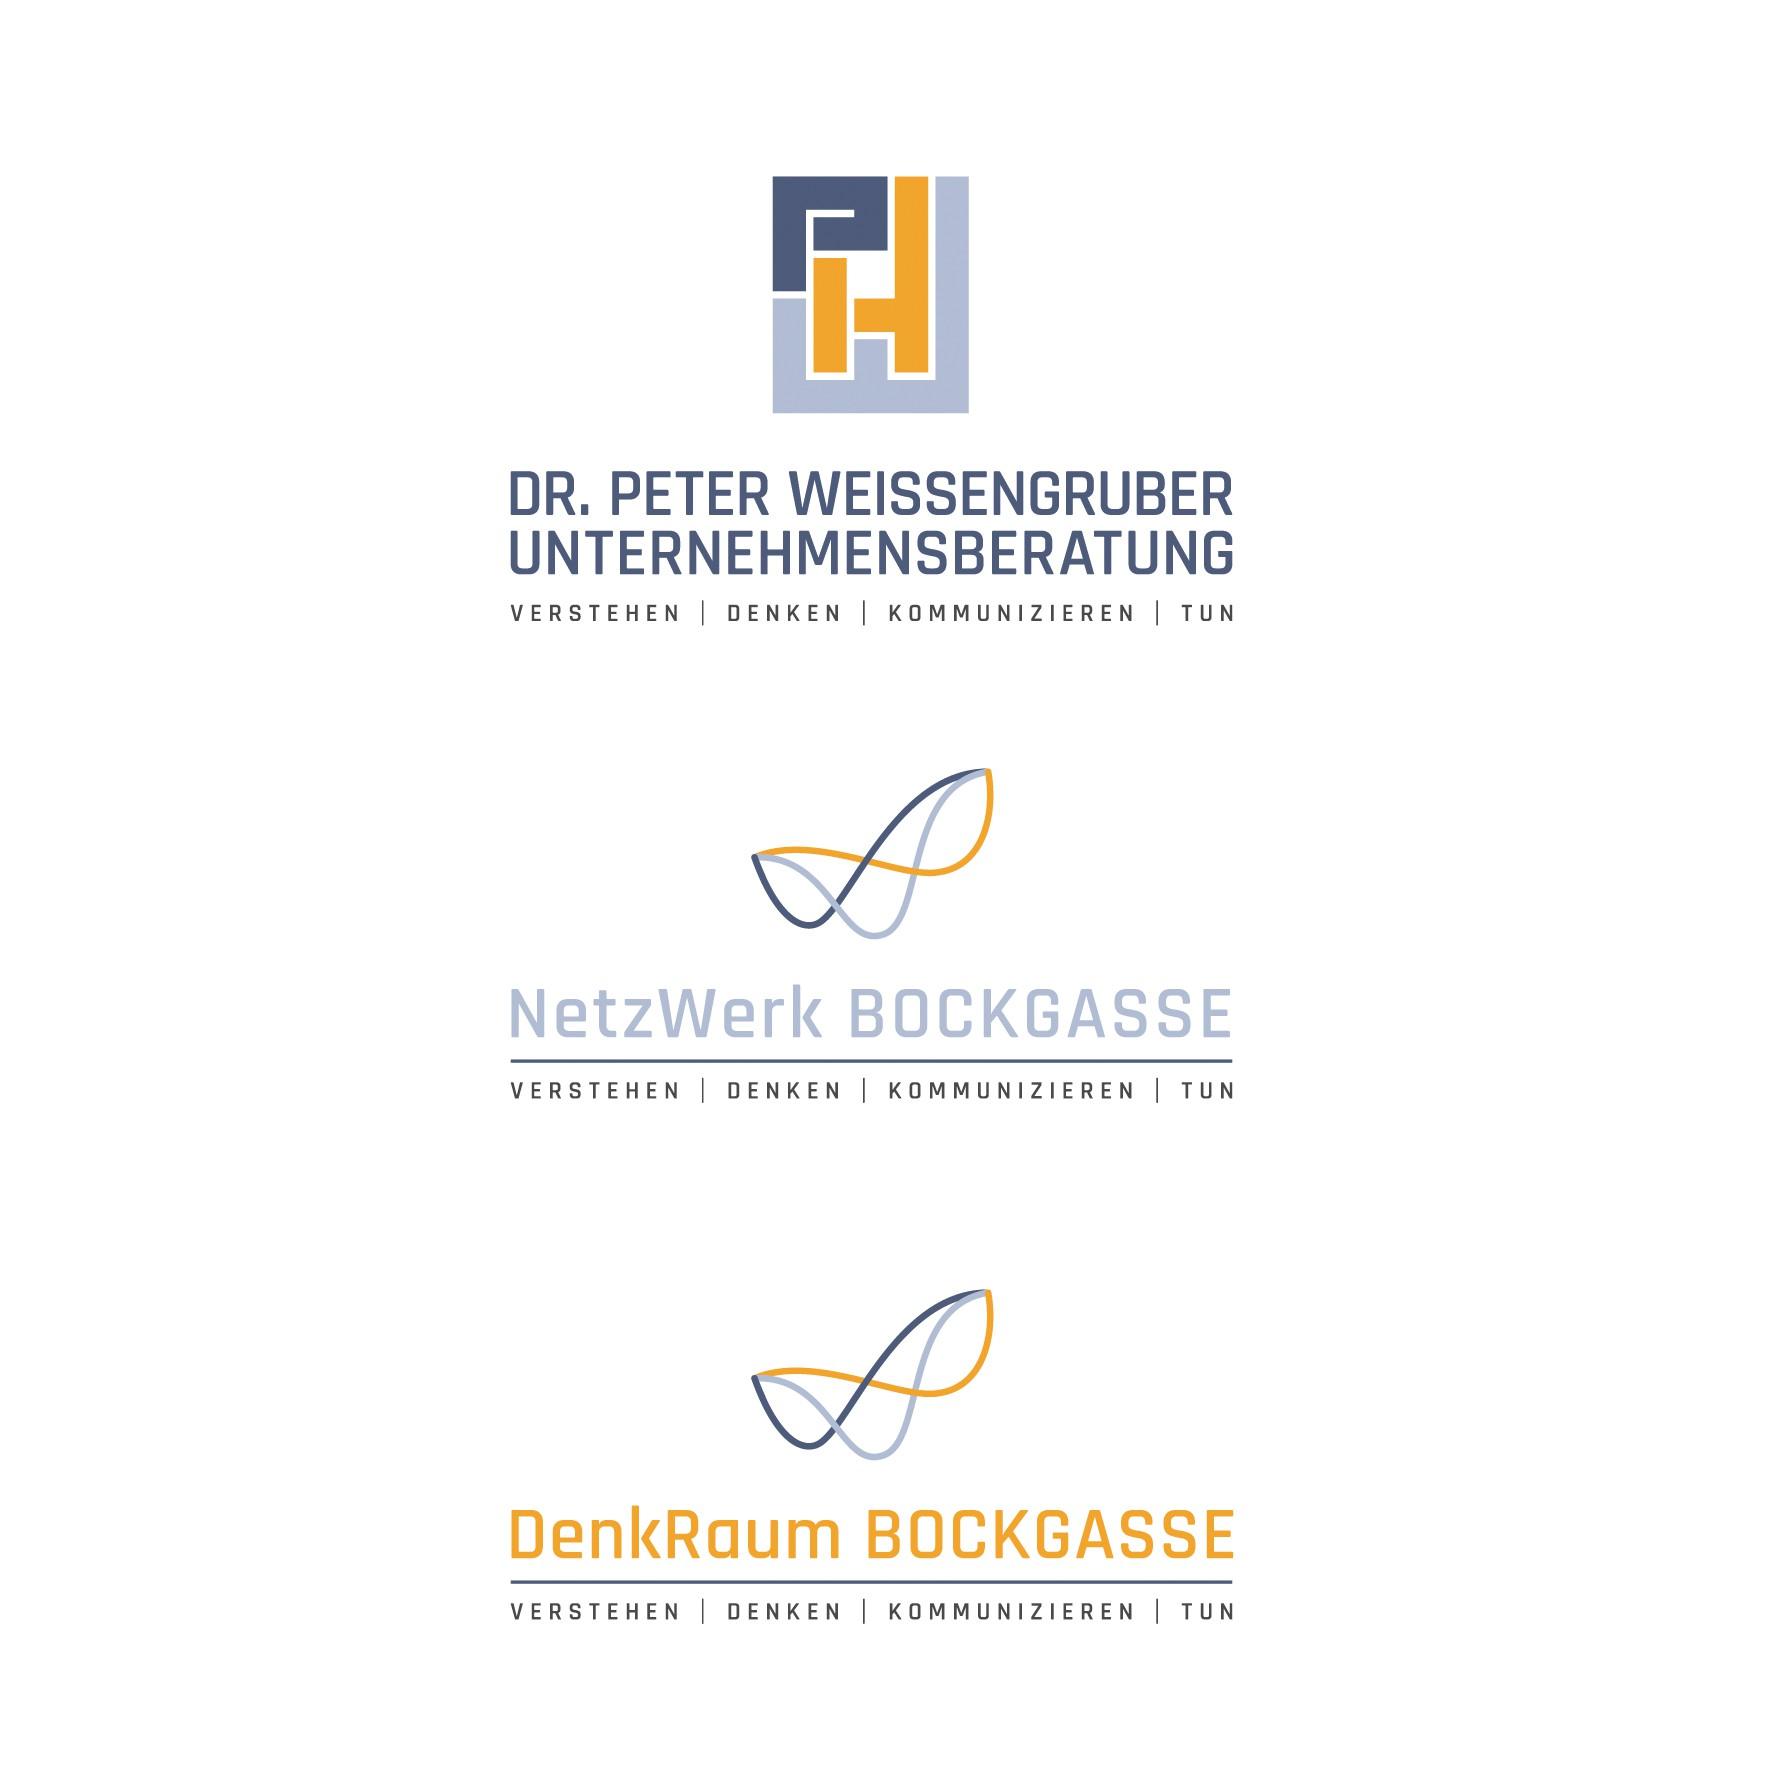 PHWUB  - DenkRaum Bockgasse - NetzWerk Bockgasse